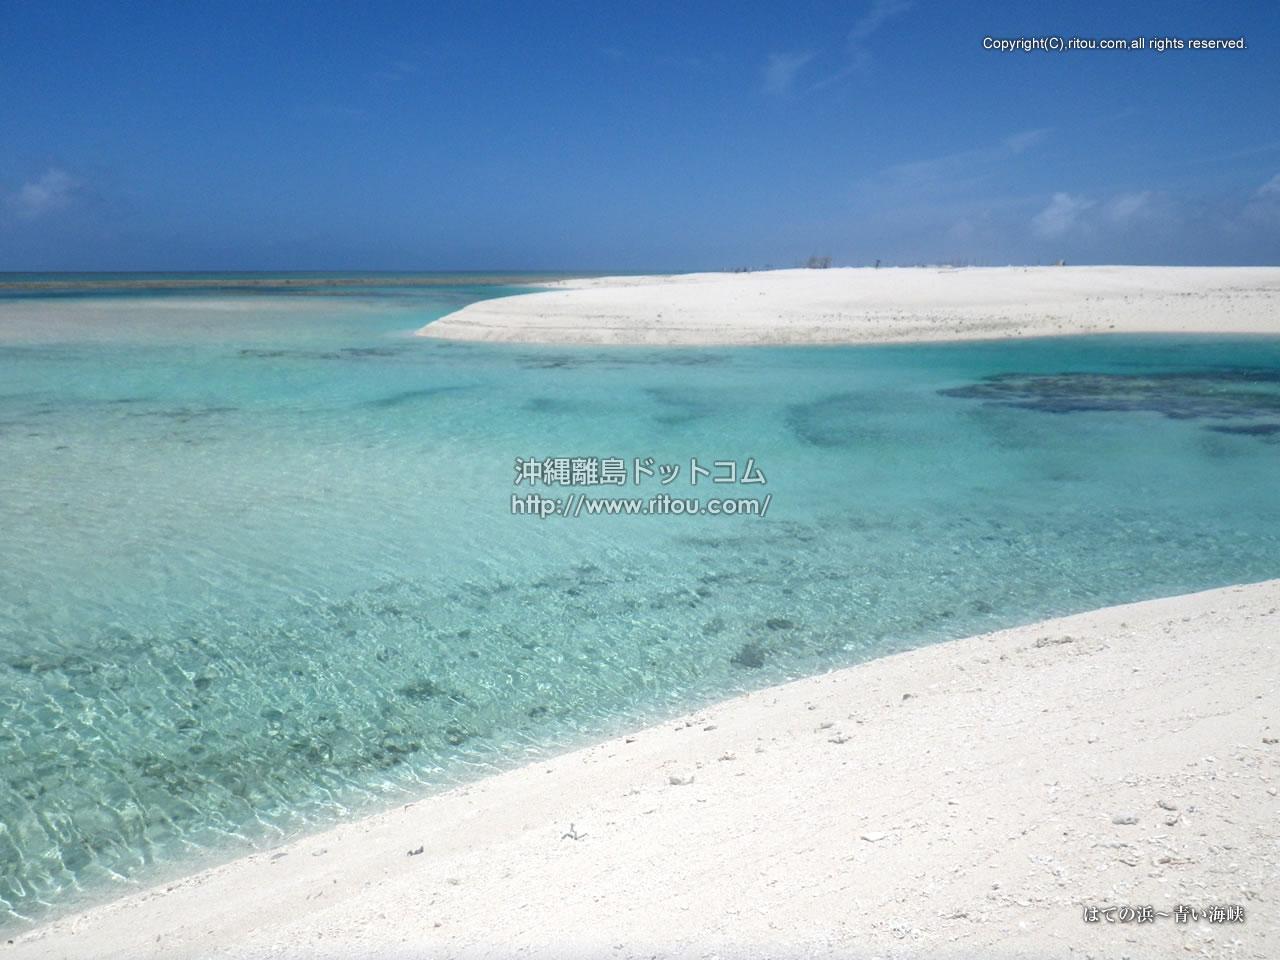 はての浜〜青い海峡